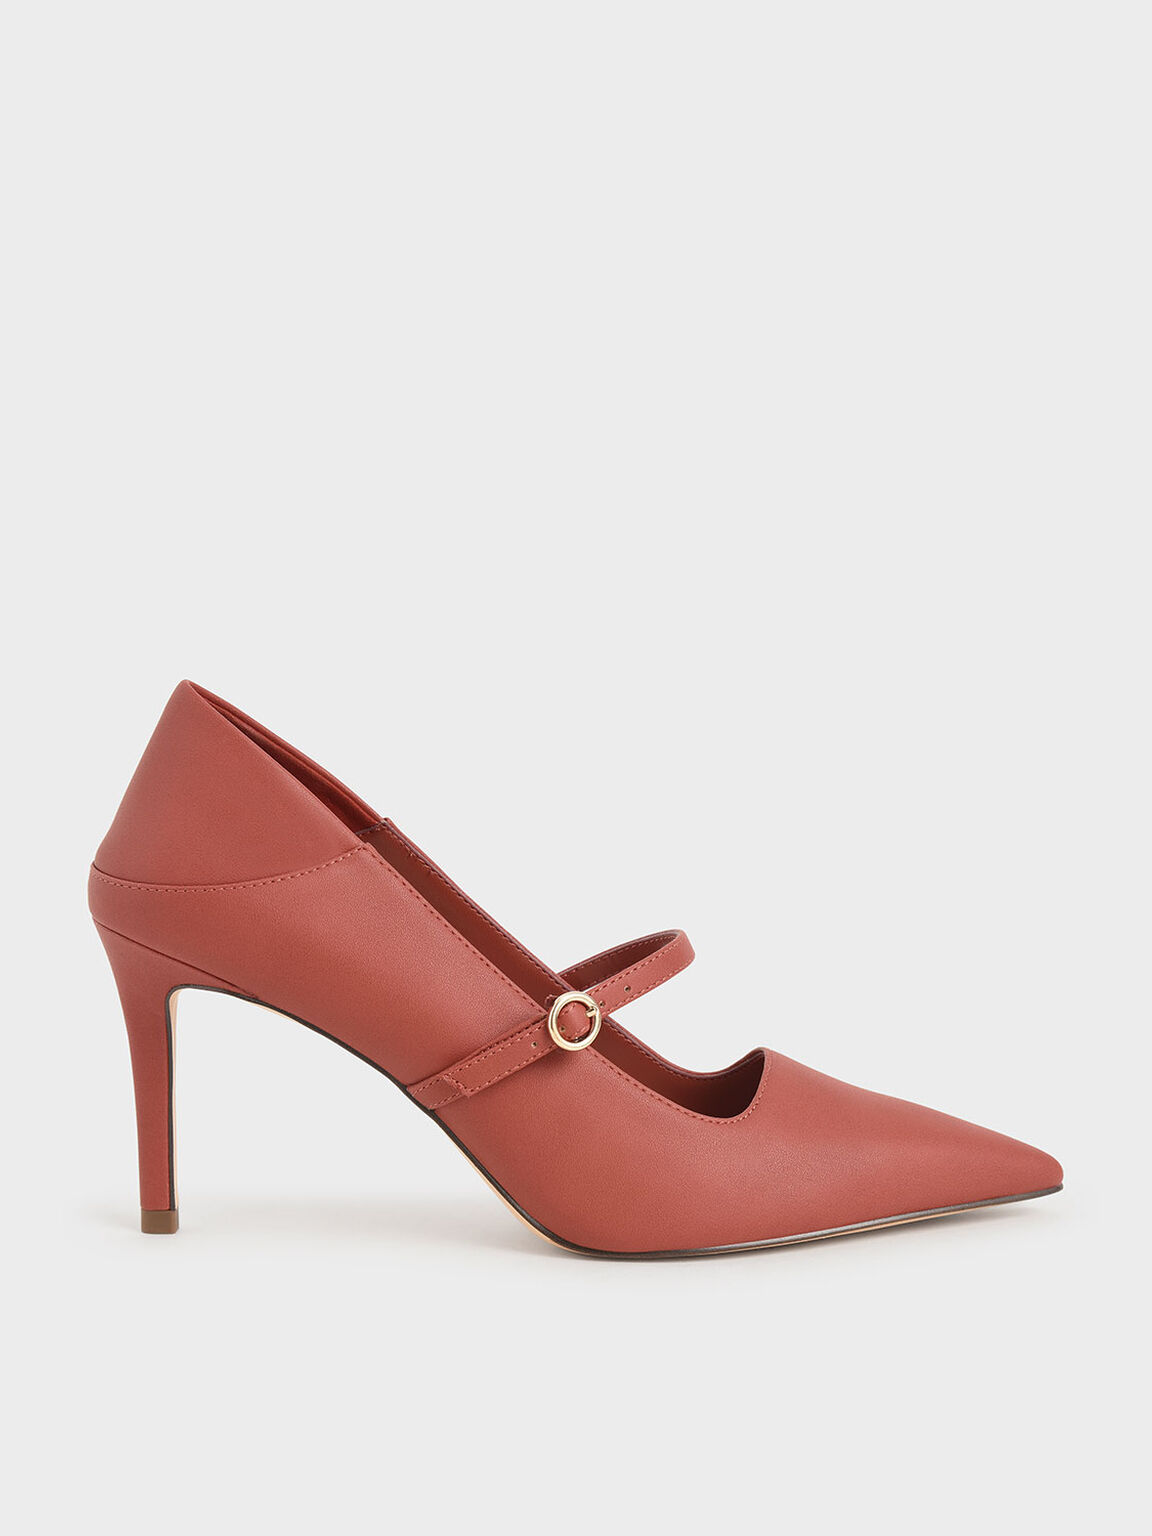 尖頭瑪莉珍跟鞋, 磚紅色, hi-res